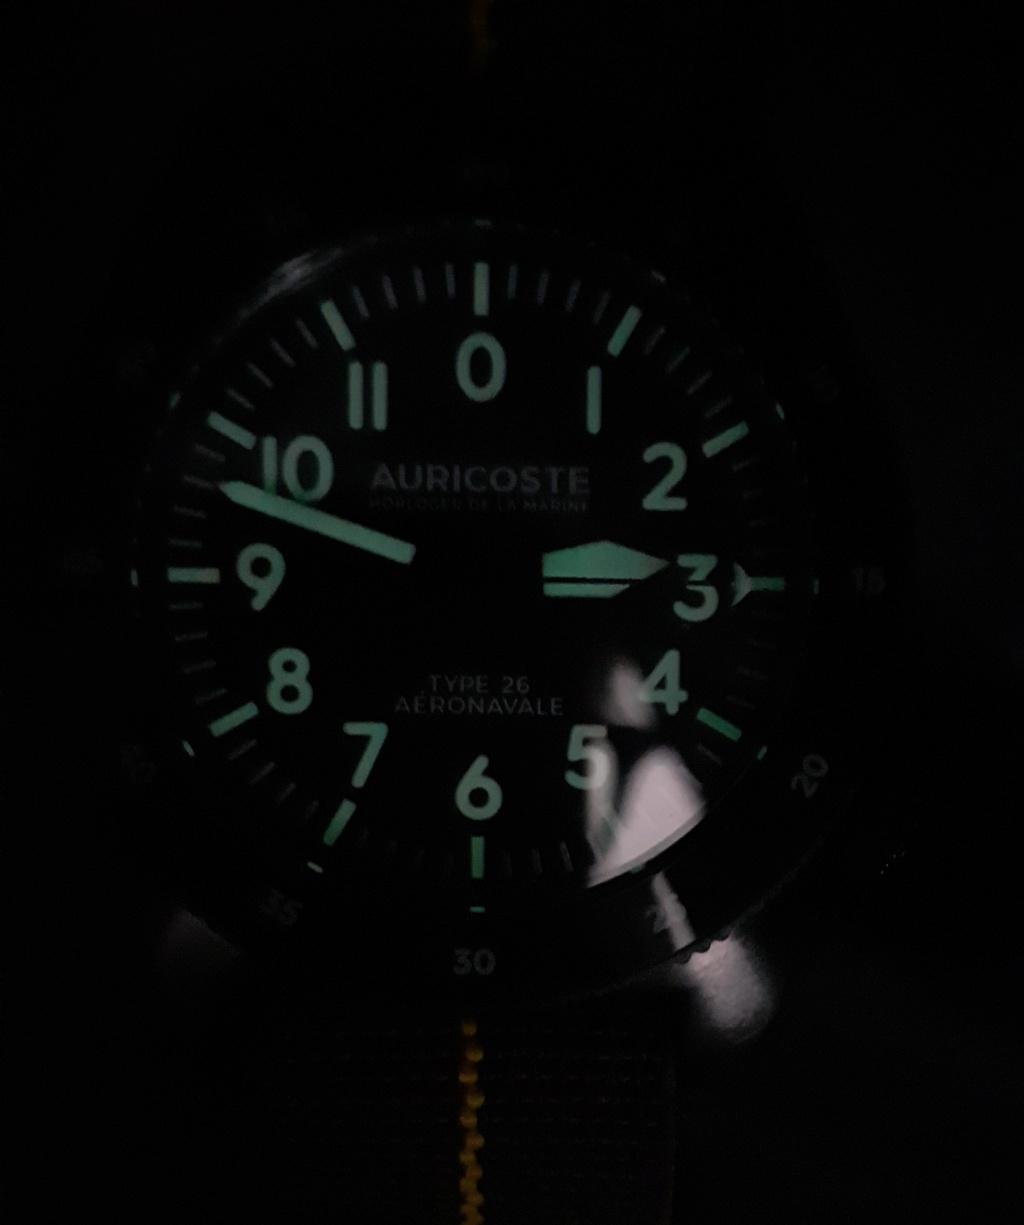 [Revue] Auricoste - Aéronavale Type 26 20200434